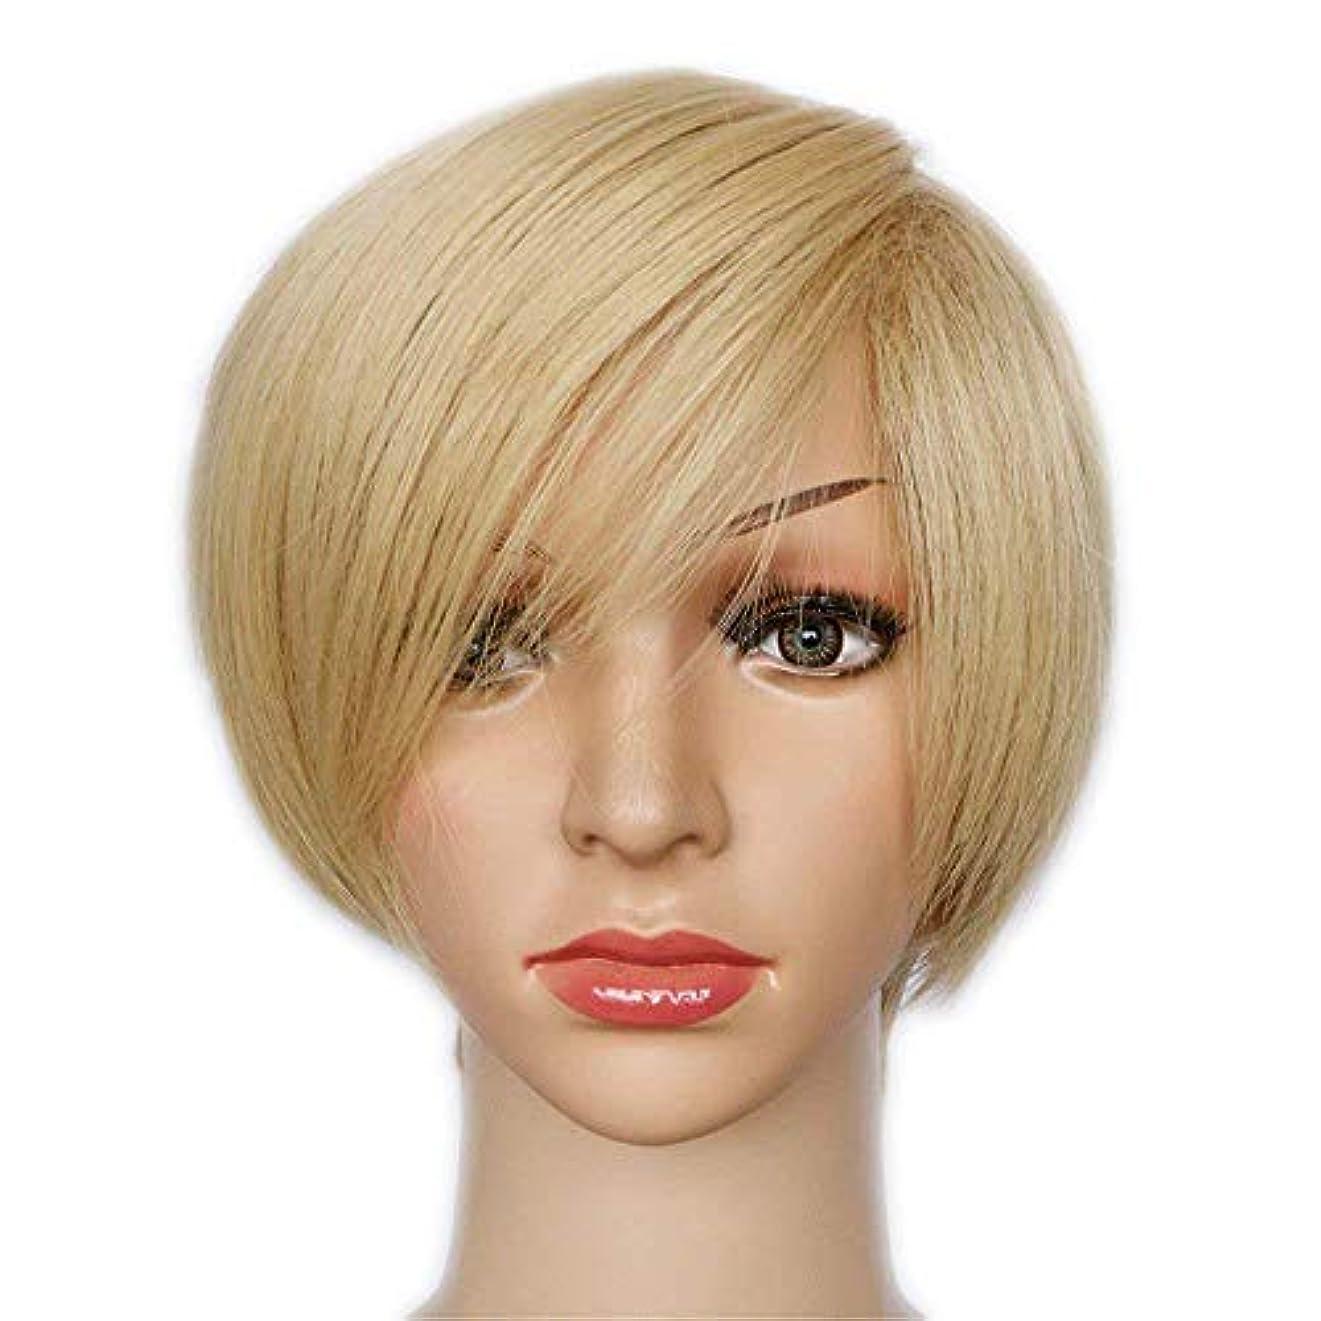 に変わるところで追放するWASAIO 金髪の自然な見た目の短いボブストレートヘア女性のファッションかつらアクセサリー前髪無料キャップとスタイルの交換 (色 : Blonde)